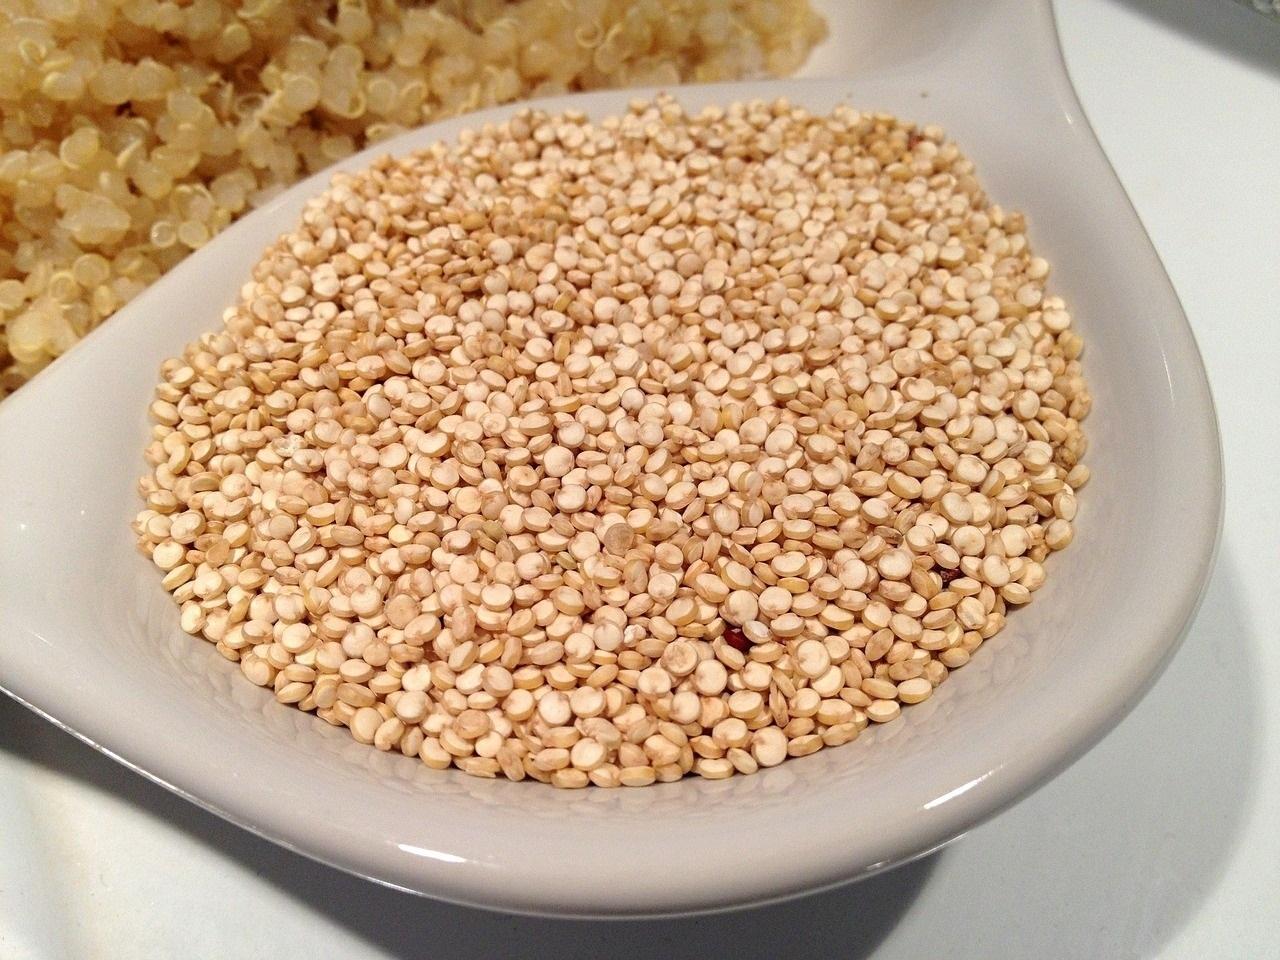 El consumo de quinoa ha aumentado más de un 1.000% en los últimos meses